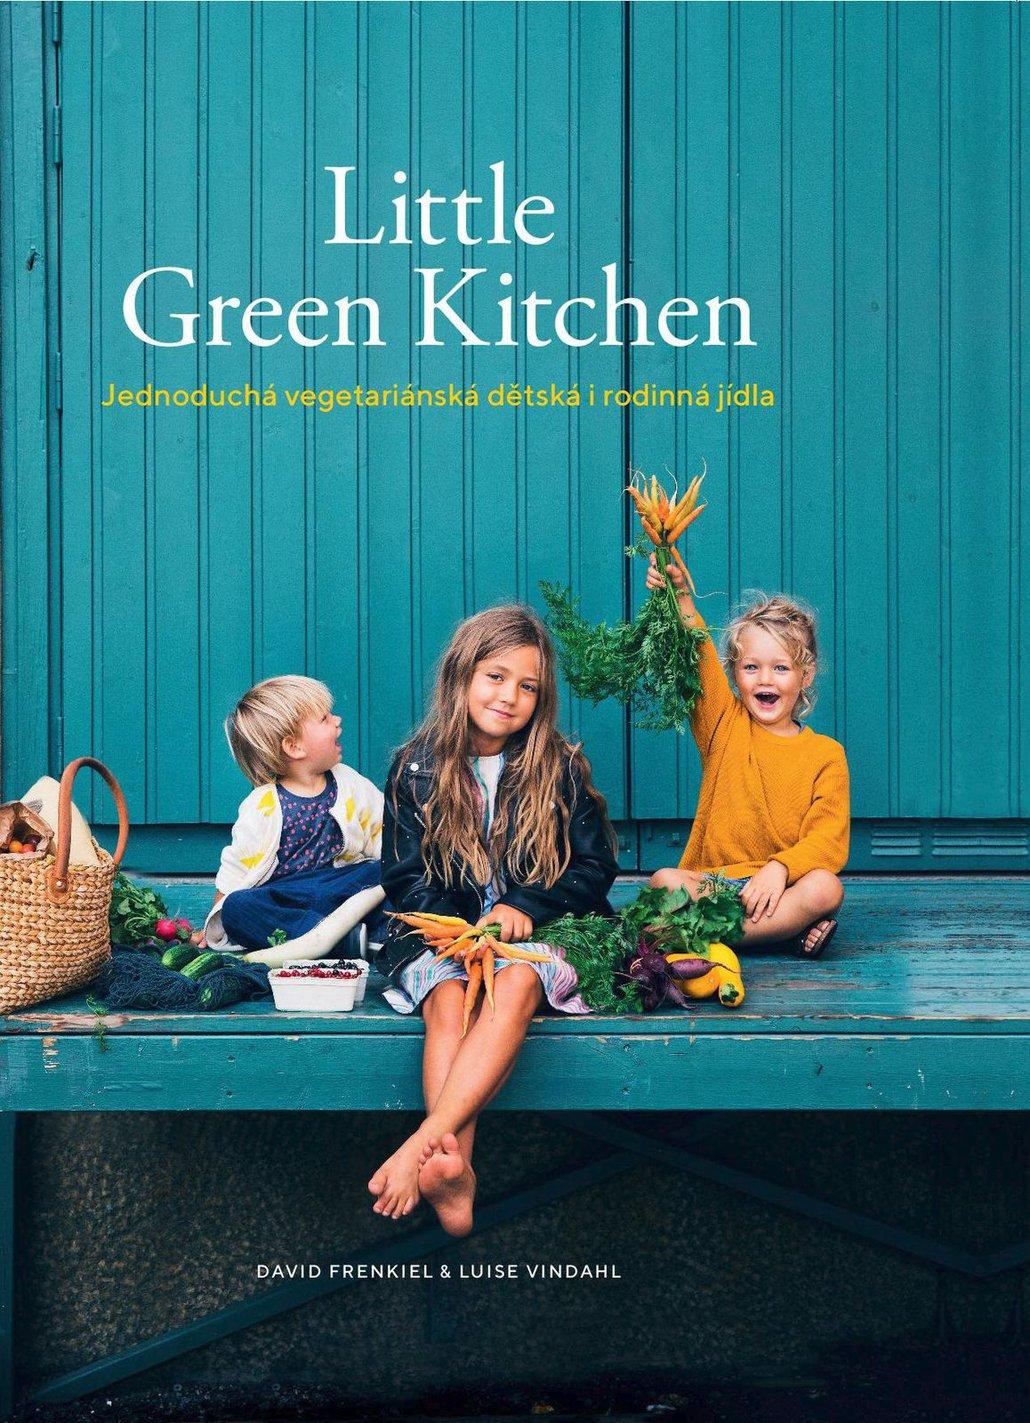 Kuchařku Little Green Kitchen přeložila Markéta Pavleje z blogu Kitchenette. Zakoupíte ji na eshopu www.kitchenetteshop.cz za 549,-